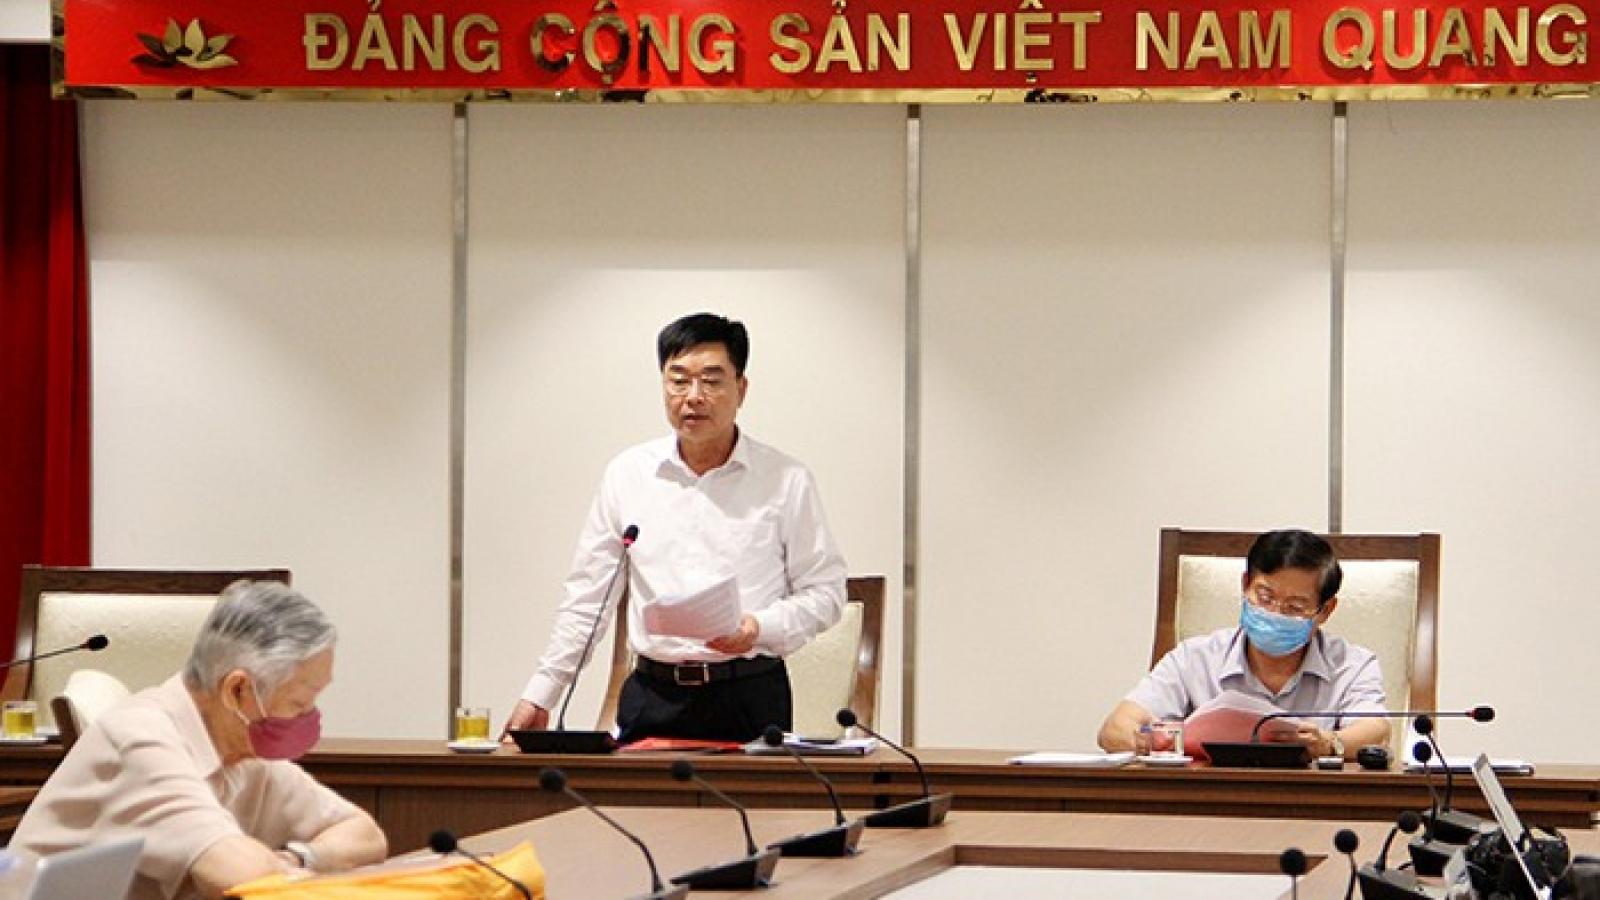 Huyện Hoài Đức (Hà Nội) đặt mục tiêu lên quận vào cuối năm 2022